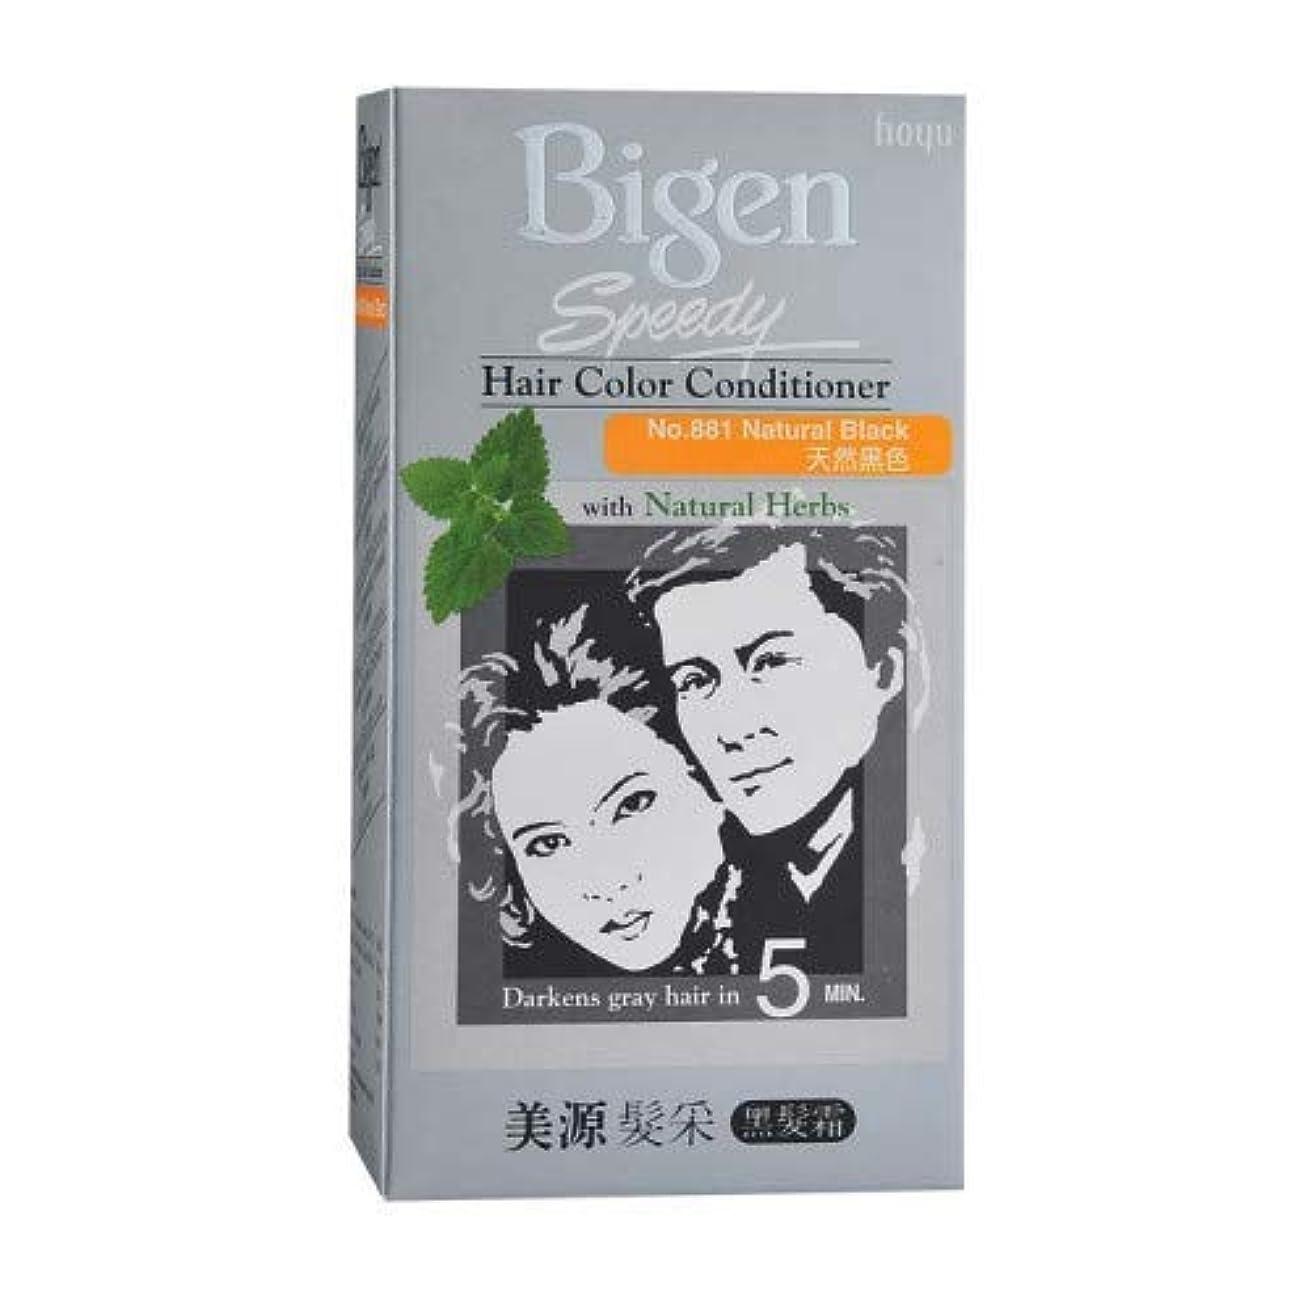 容量口頭行列BIGEN 高速髪の色自然な黒い髪のケアと天然ハーブ1